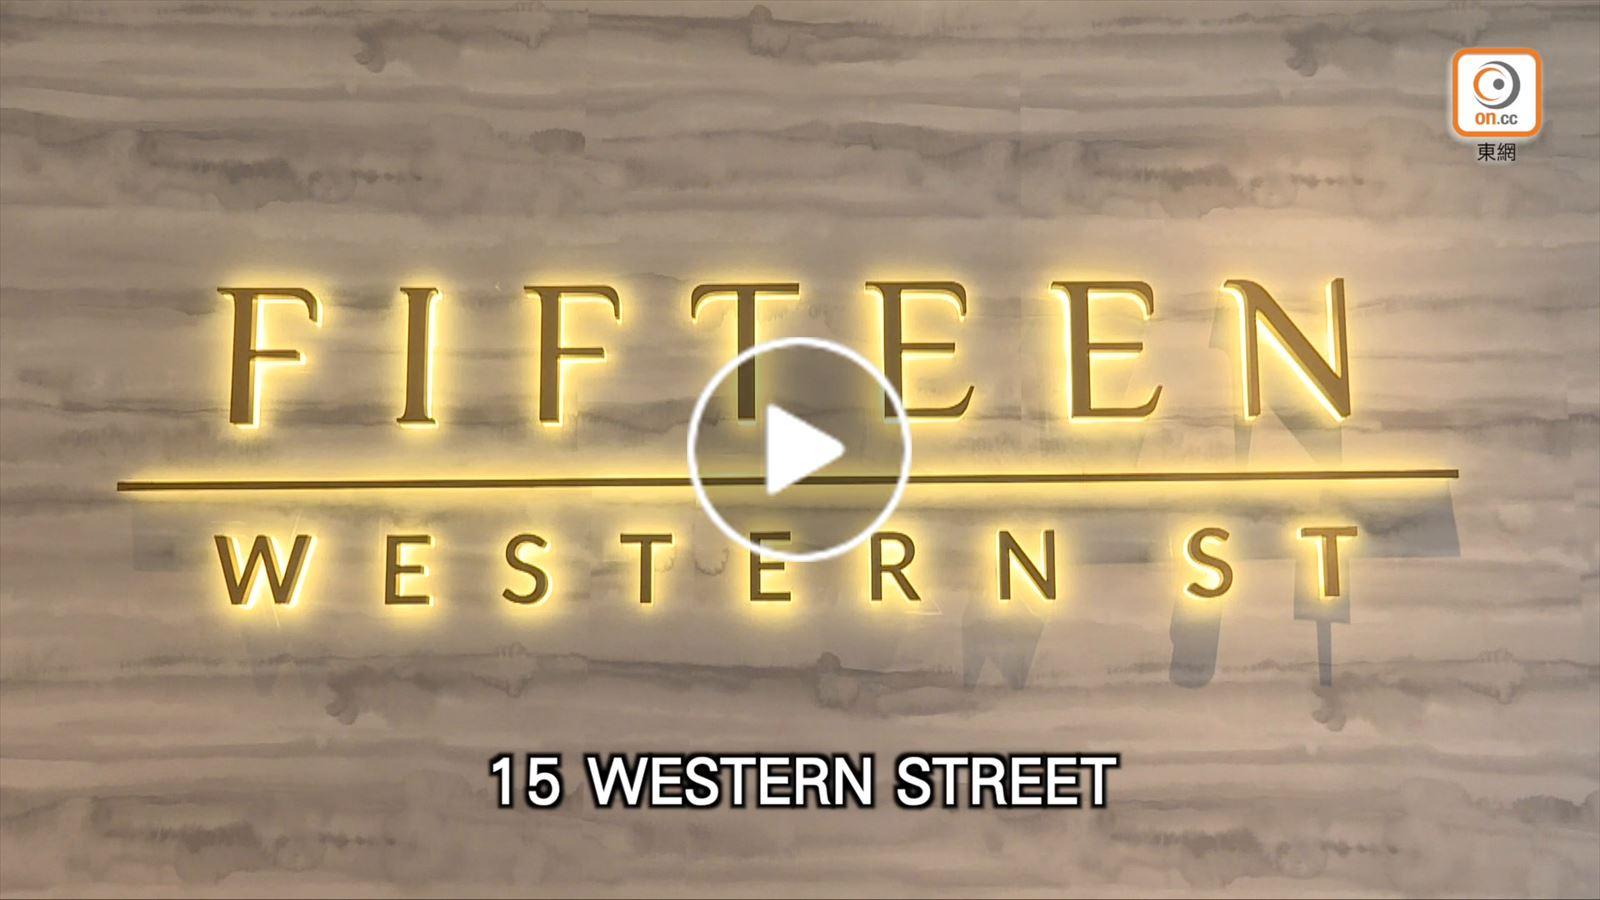 【一手盤攻略】 15 WESTERN STREET 佔盡地理優勢! 影片來源: on.cc東網專訊